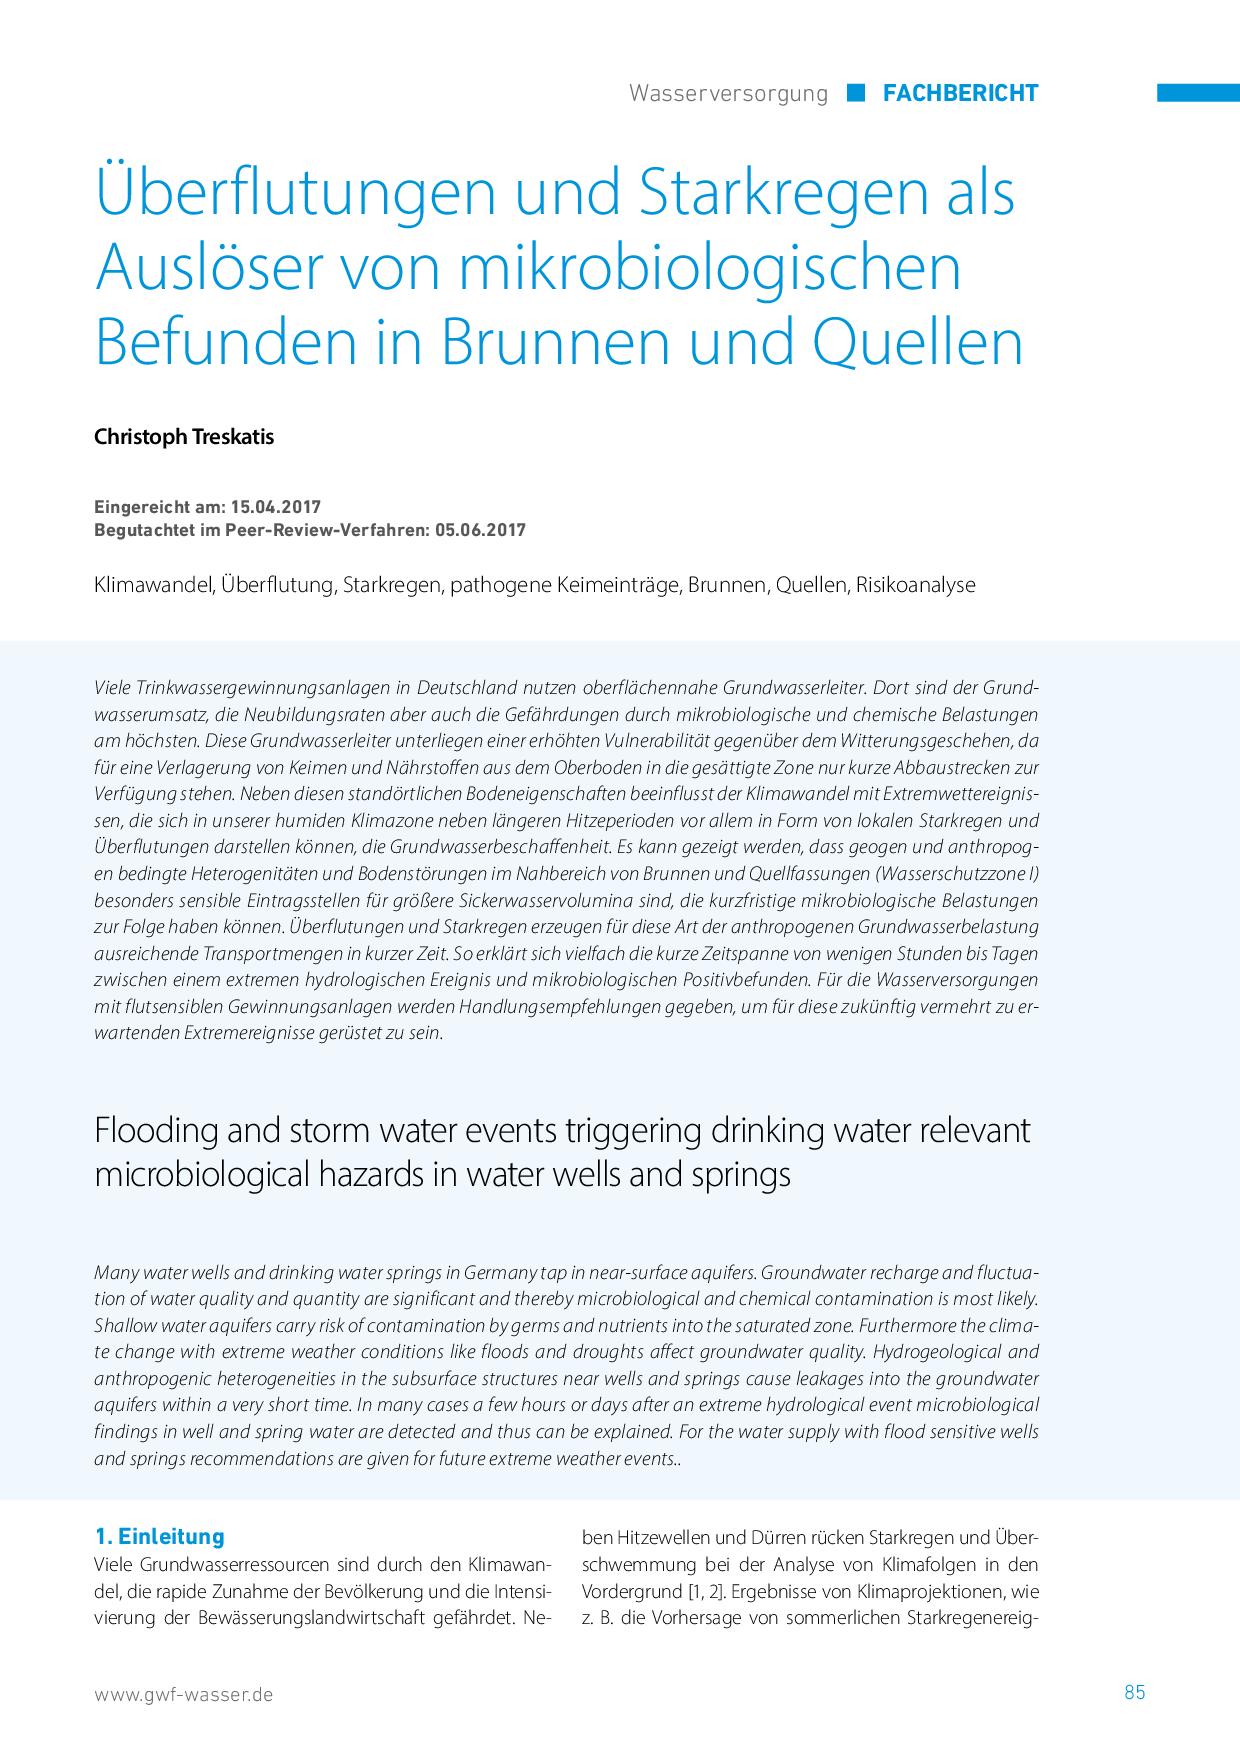 Überflutungen und Starkregen als Auslöser von mikrobiologischen Befunden in Brunnen und Quellen